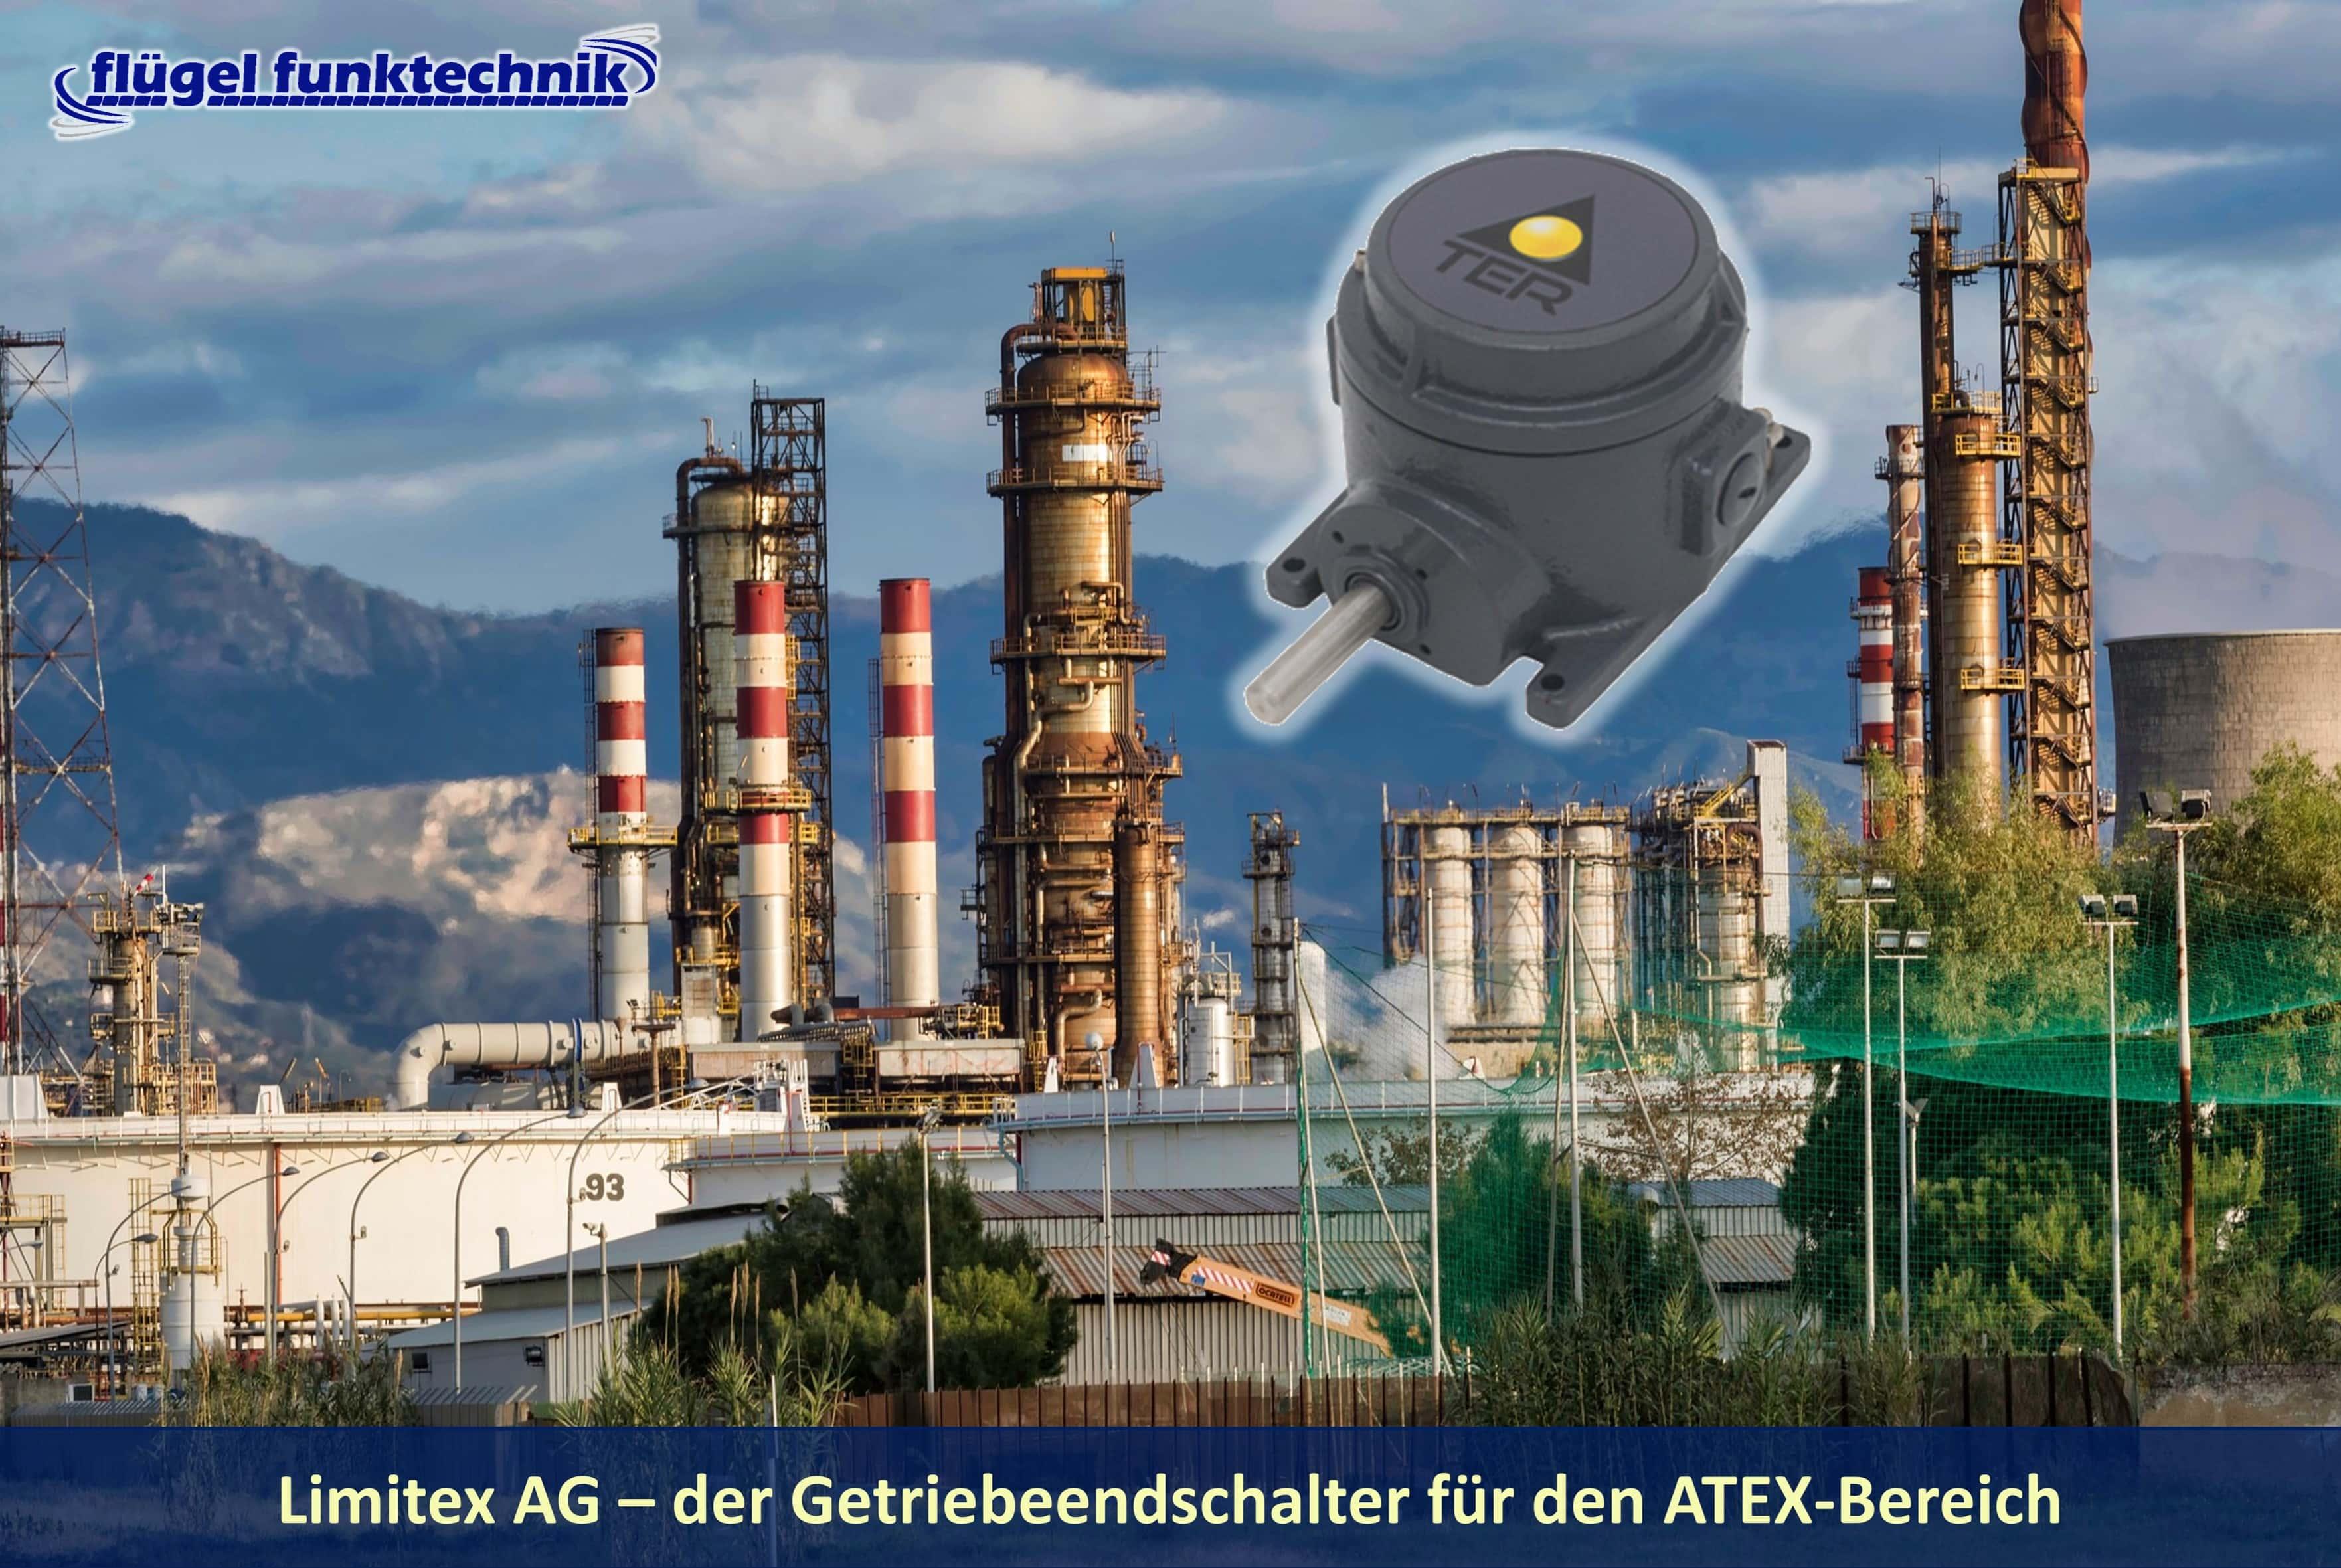 ATEX-Getriebeendschalter